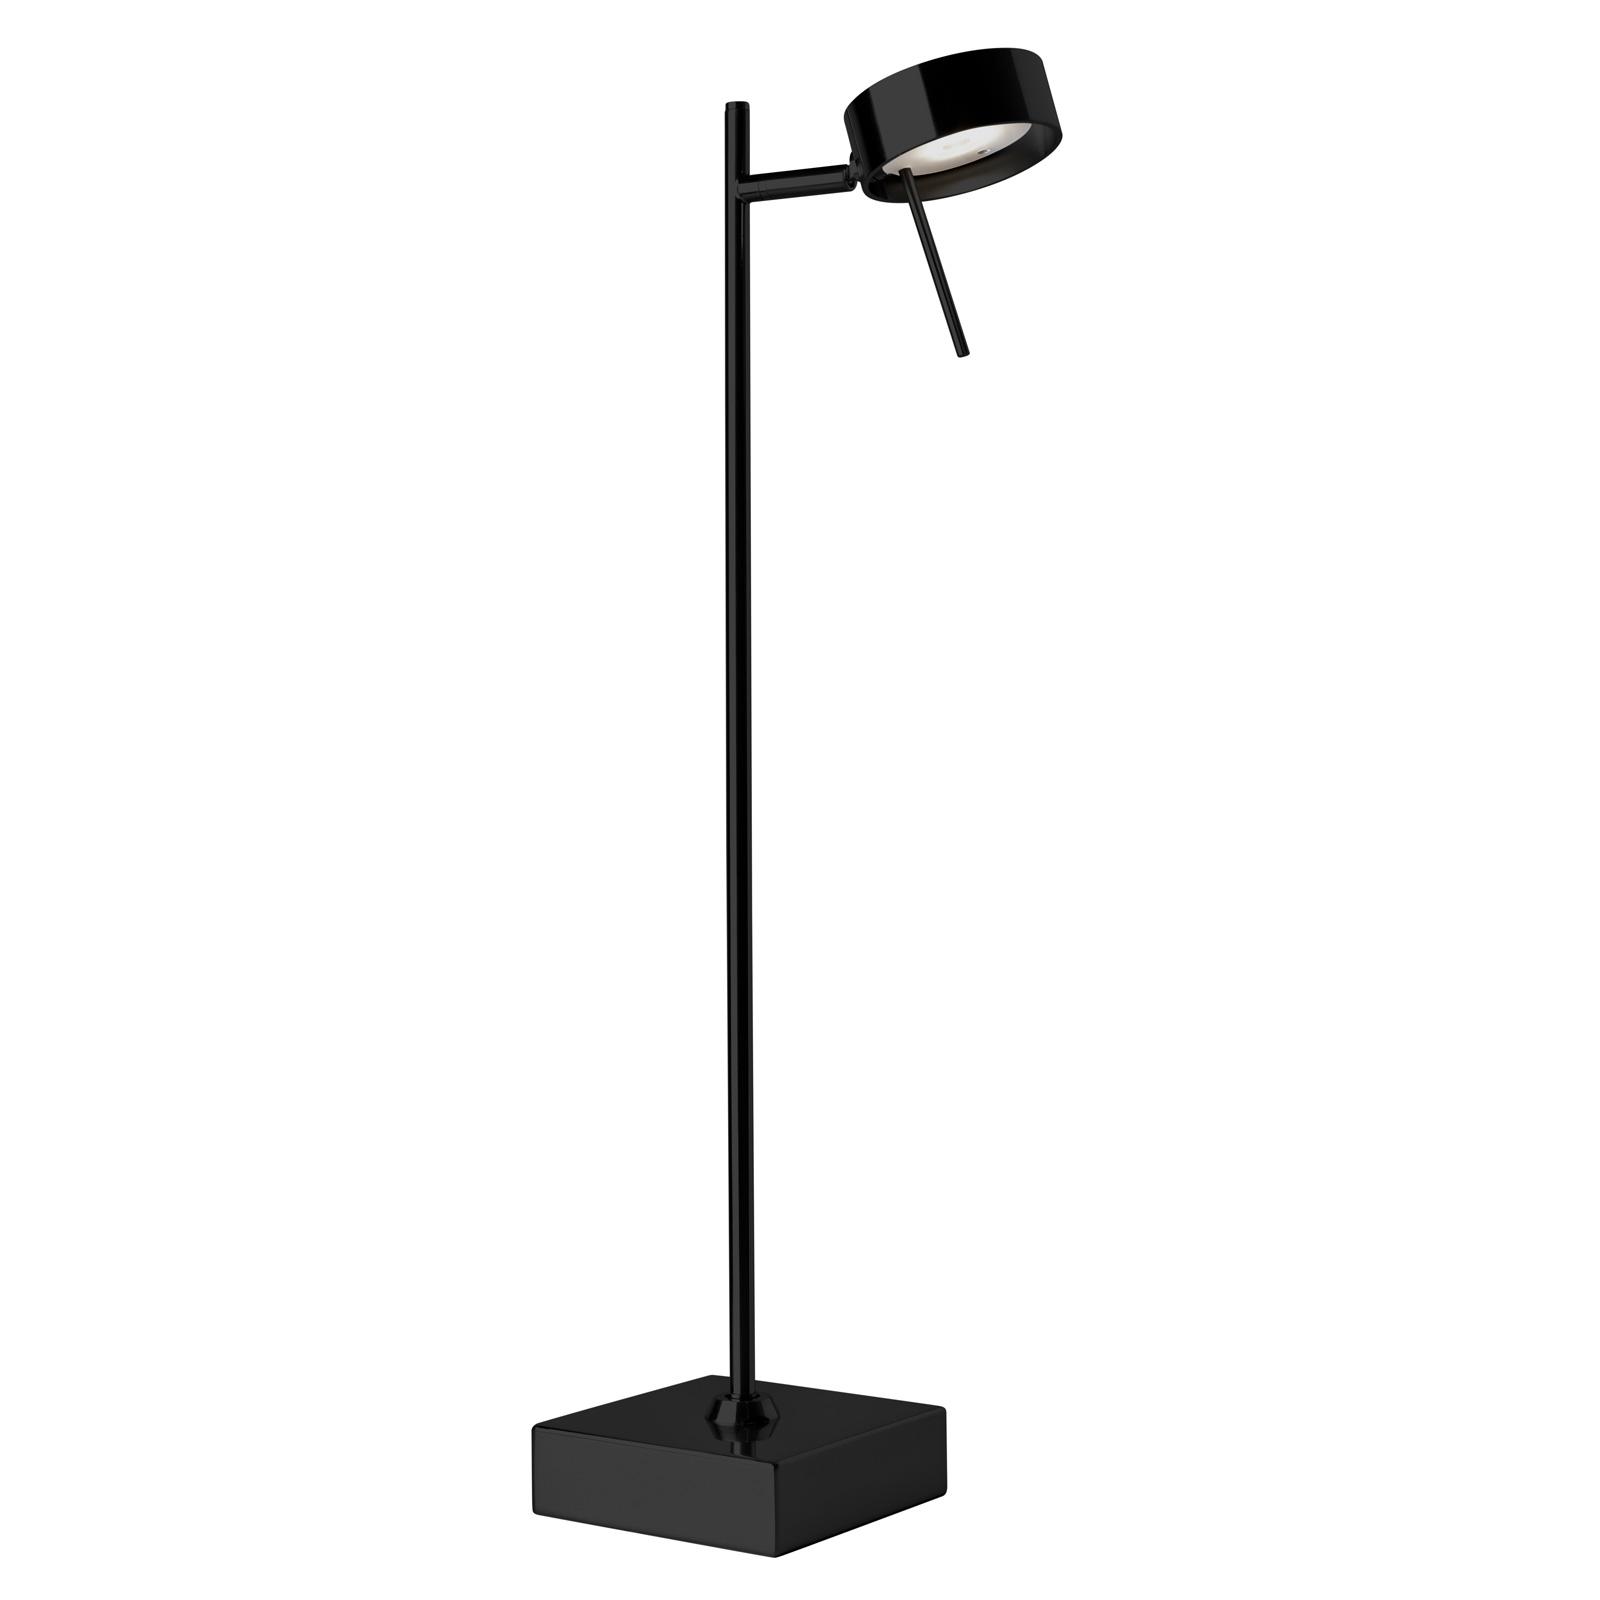 LED-Tischleuchte Bling, Dimmer, einflammig schwarz